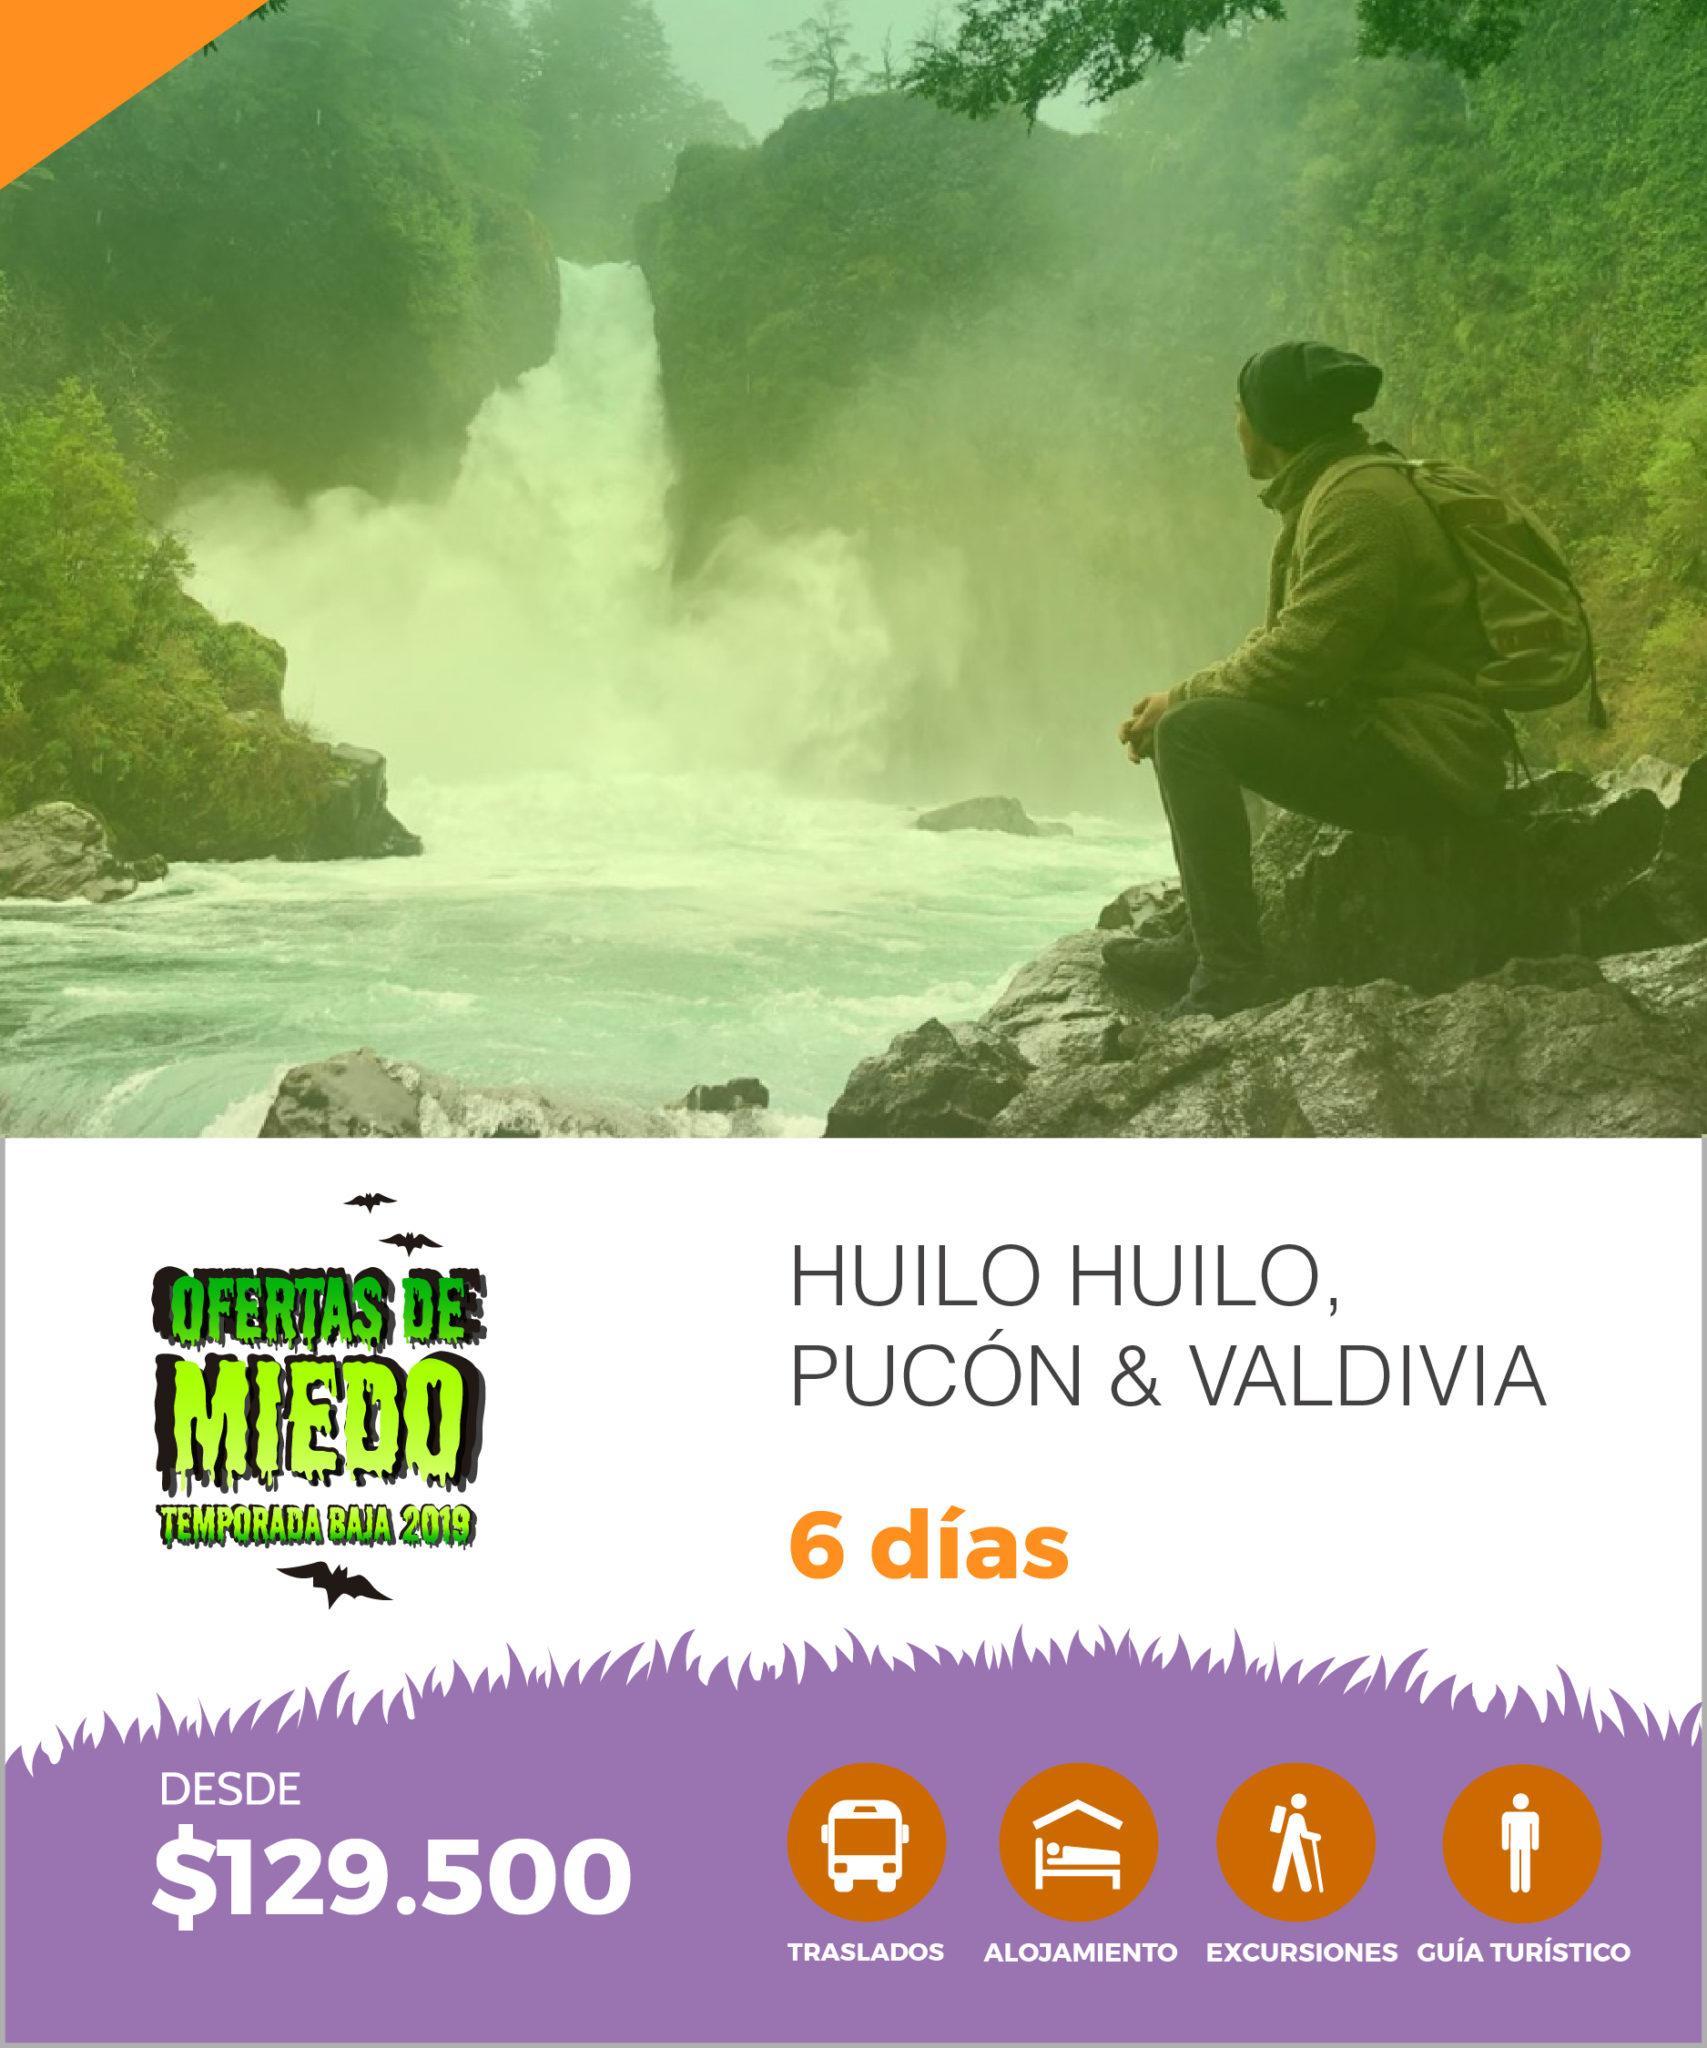 HUILO HUILO, PUCÓN & VALDIVIA